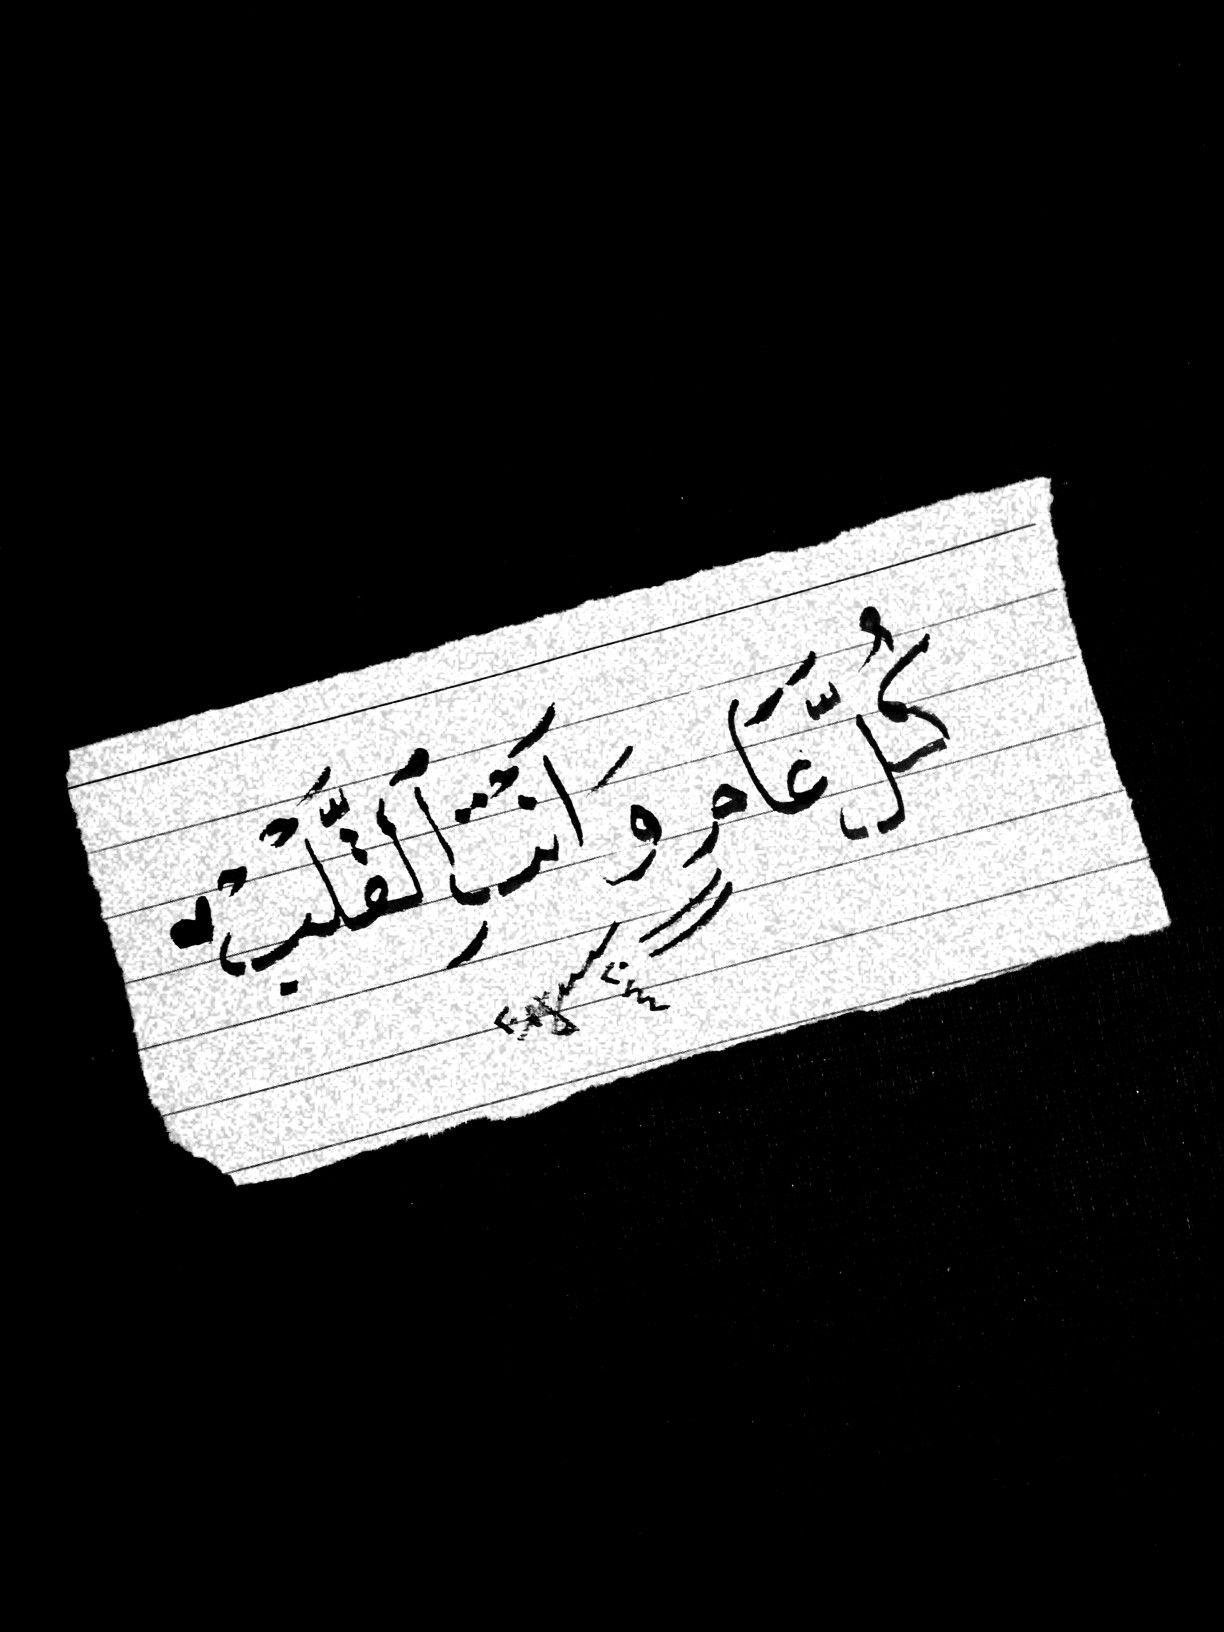 كل عام وانت القلب كل عام وانت بخير Funny Quotes Arabic Quotes My Love